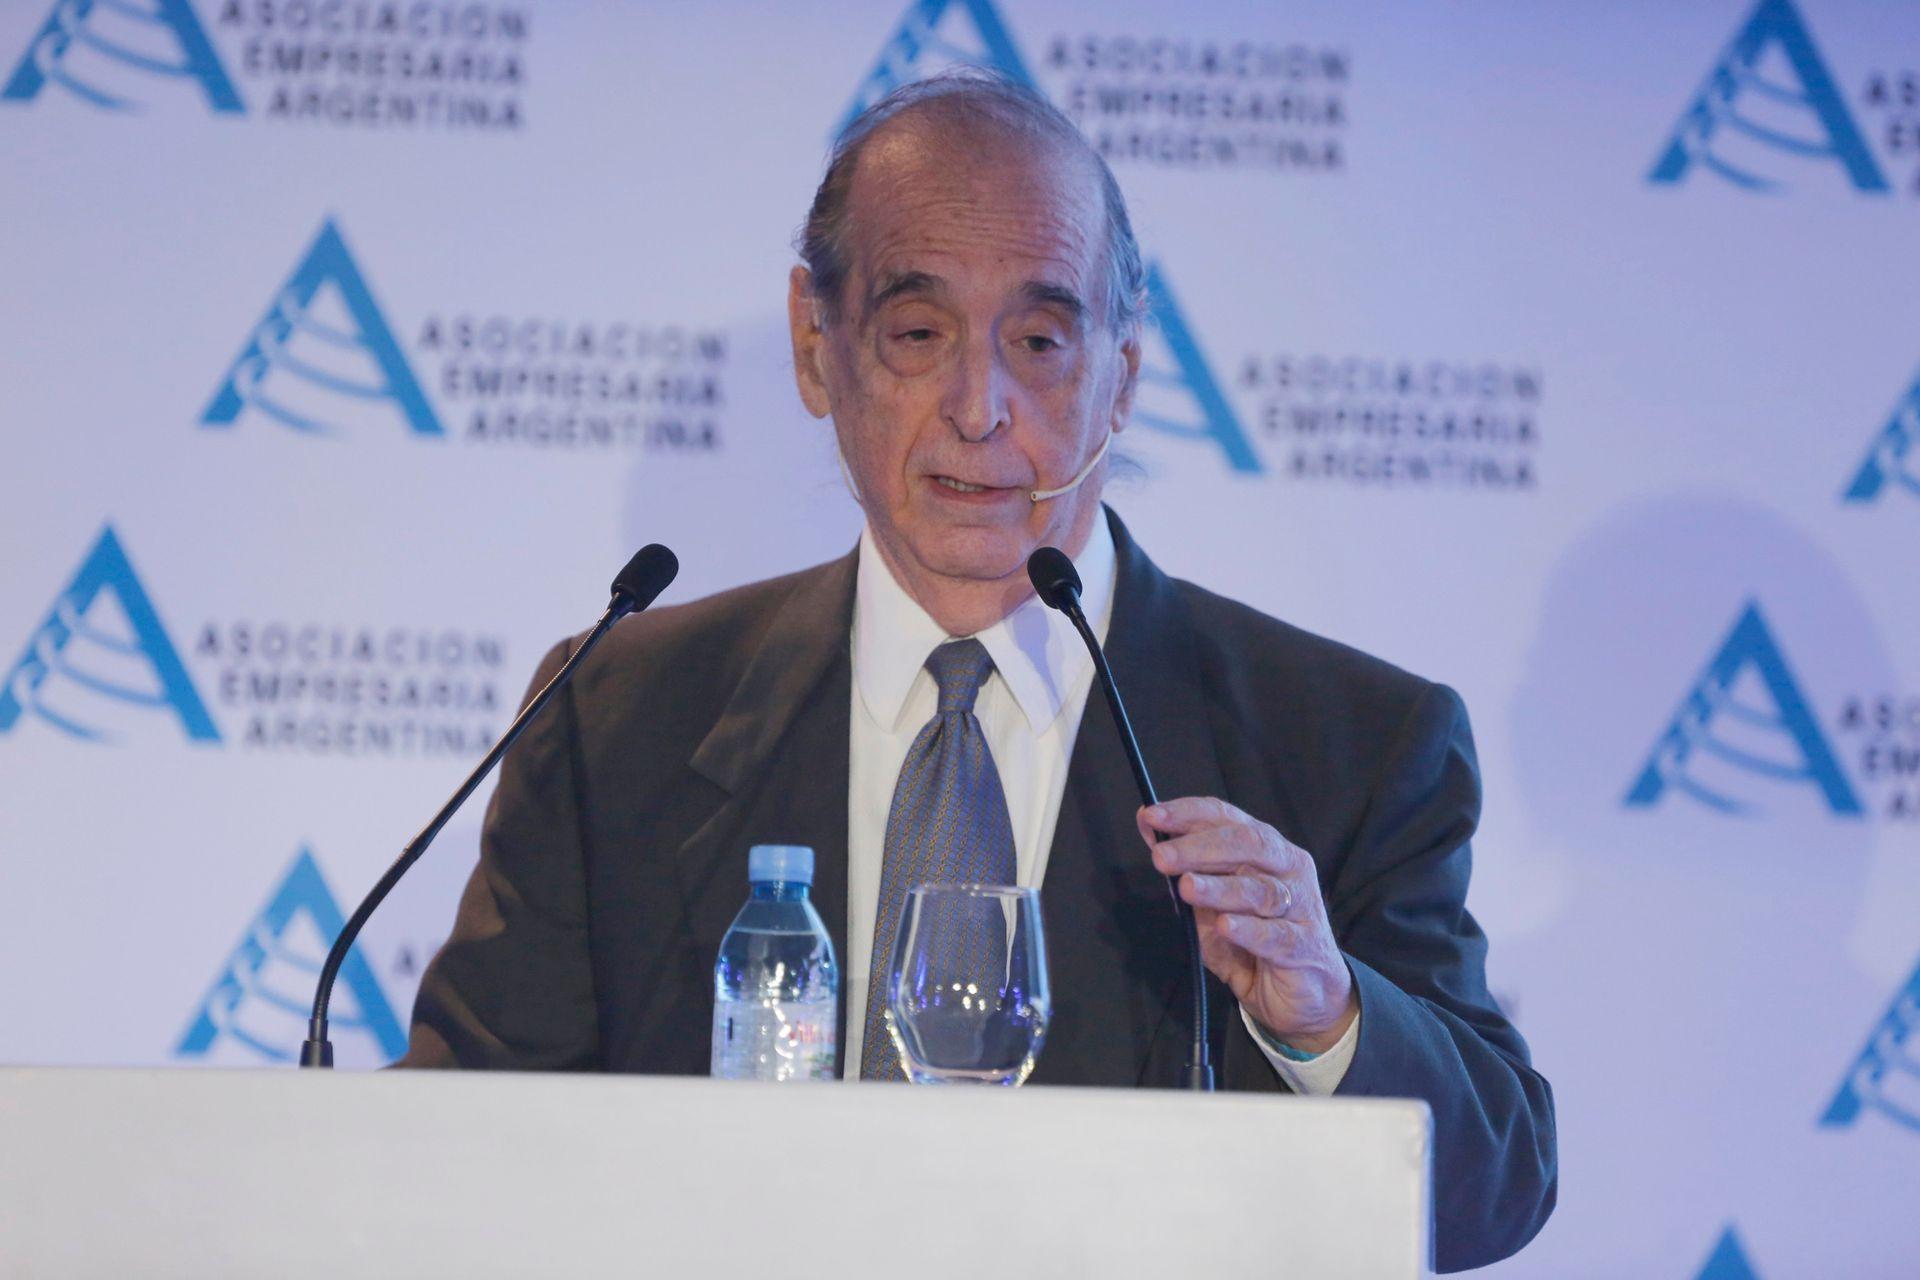 El economista Ricardo Arriazu, en la reunión de AEA